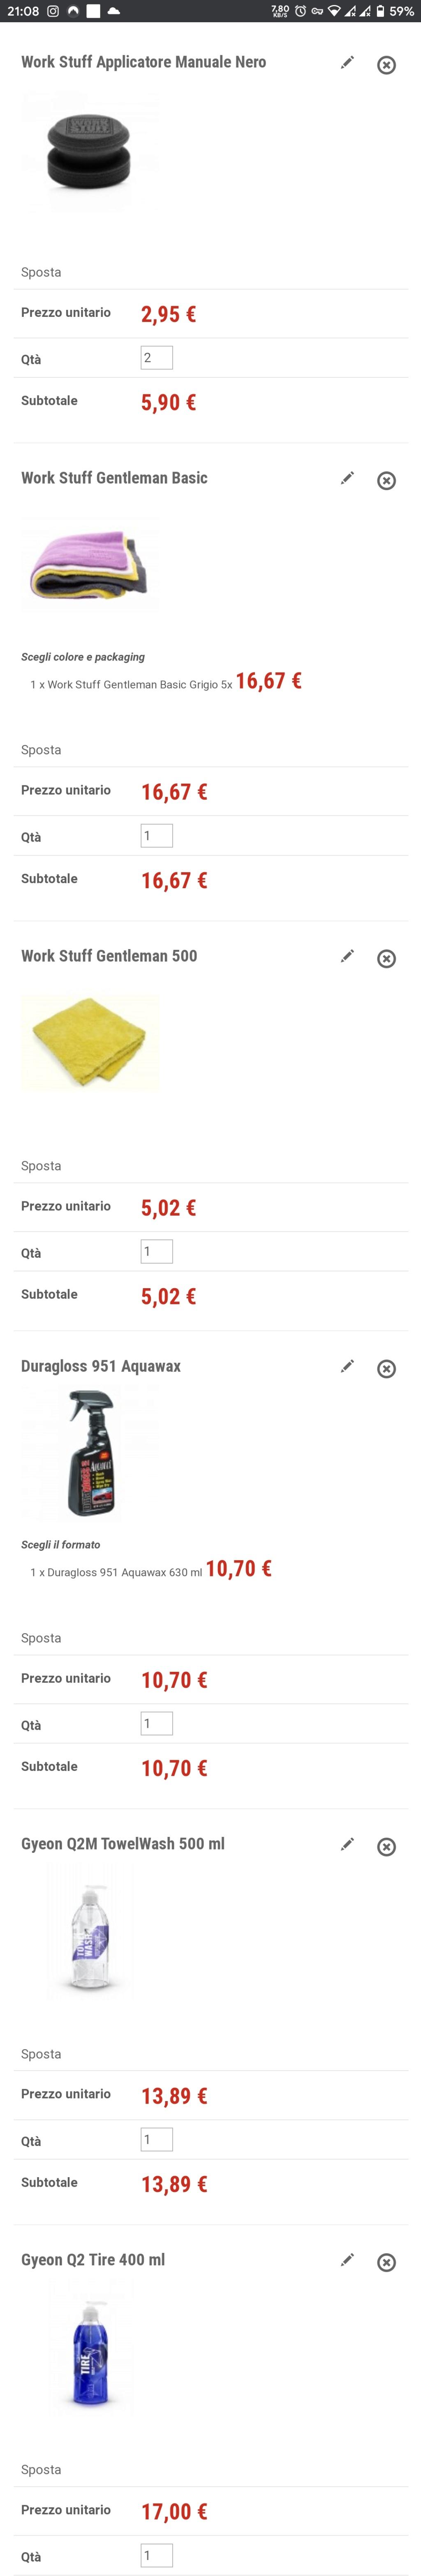 Acquisto prodotti per cerchi e mantenimento carrozzeria - Pagina 2 Screen16